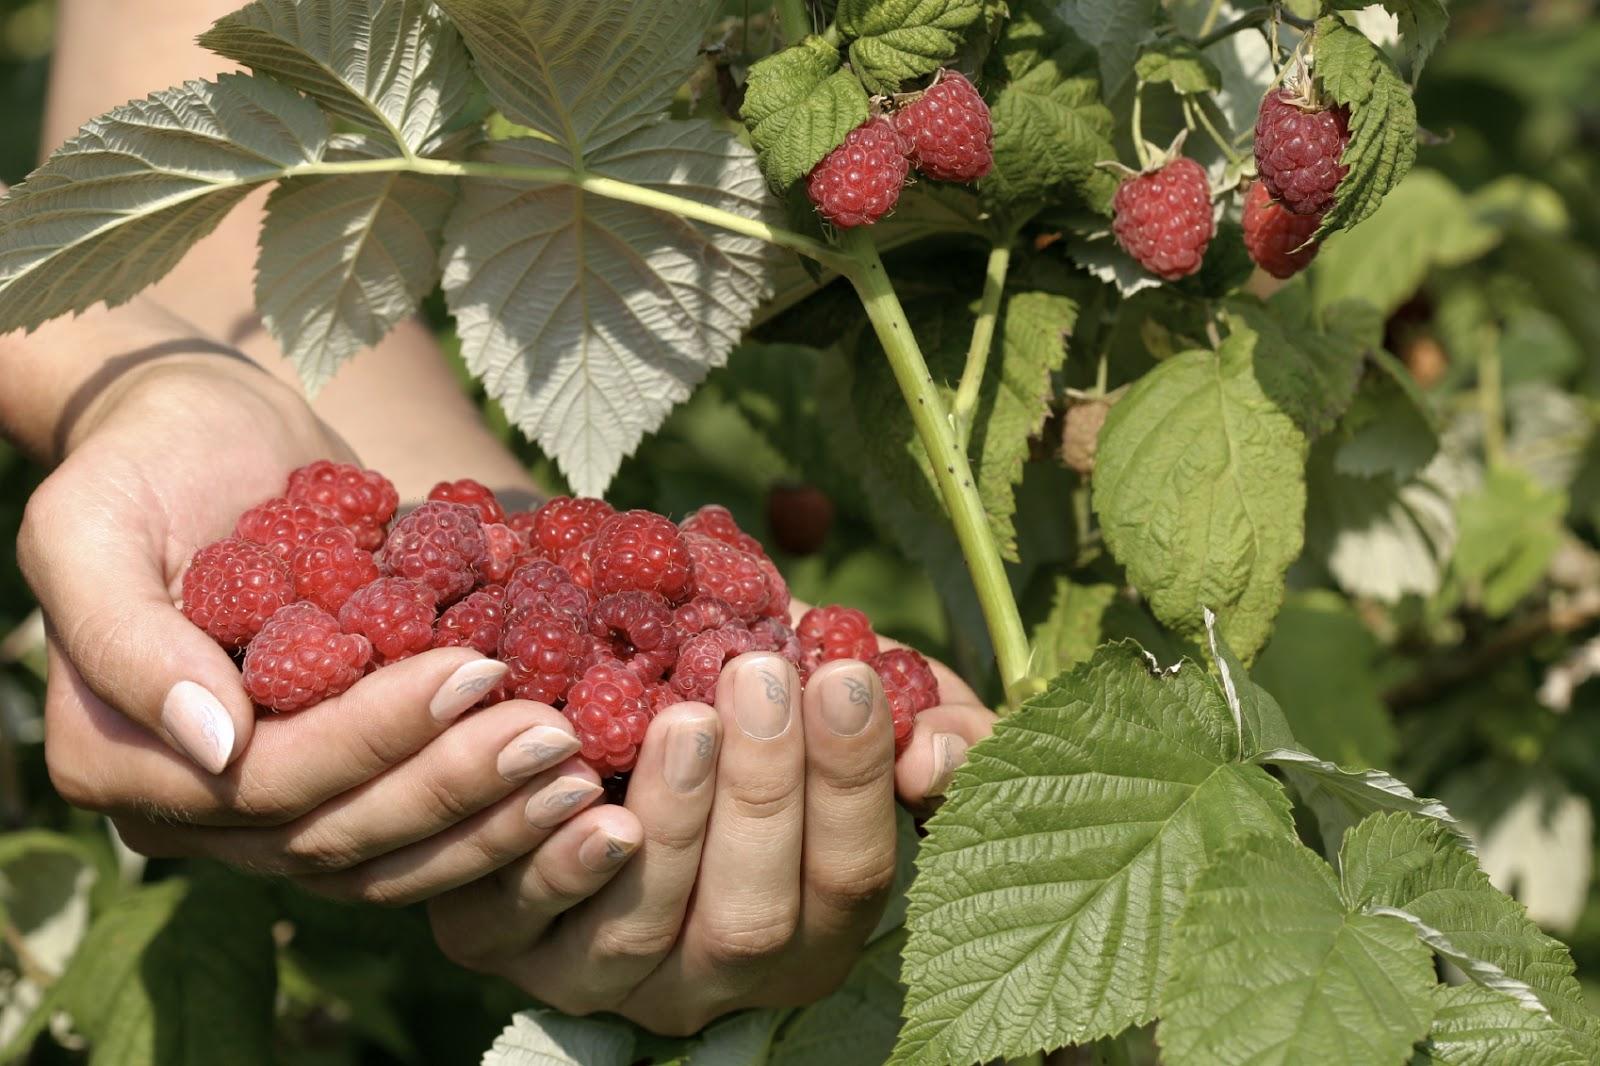 Raspberries-handful3.jpg